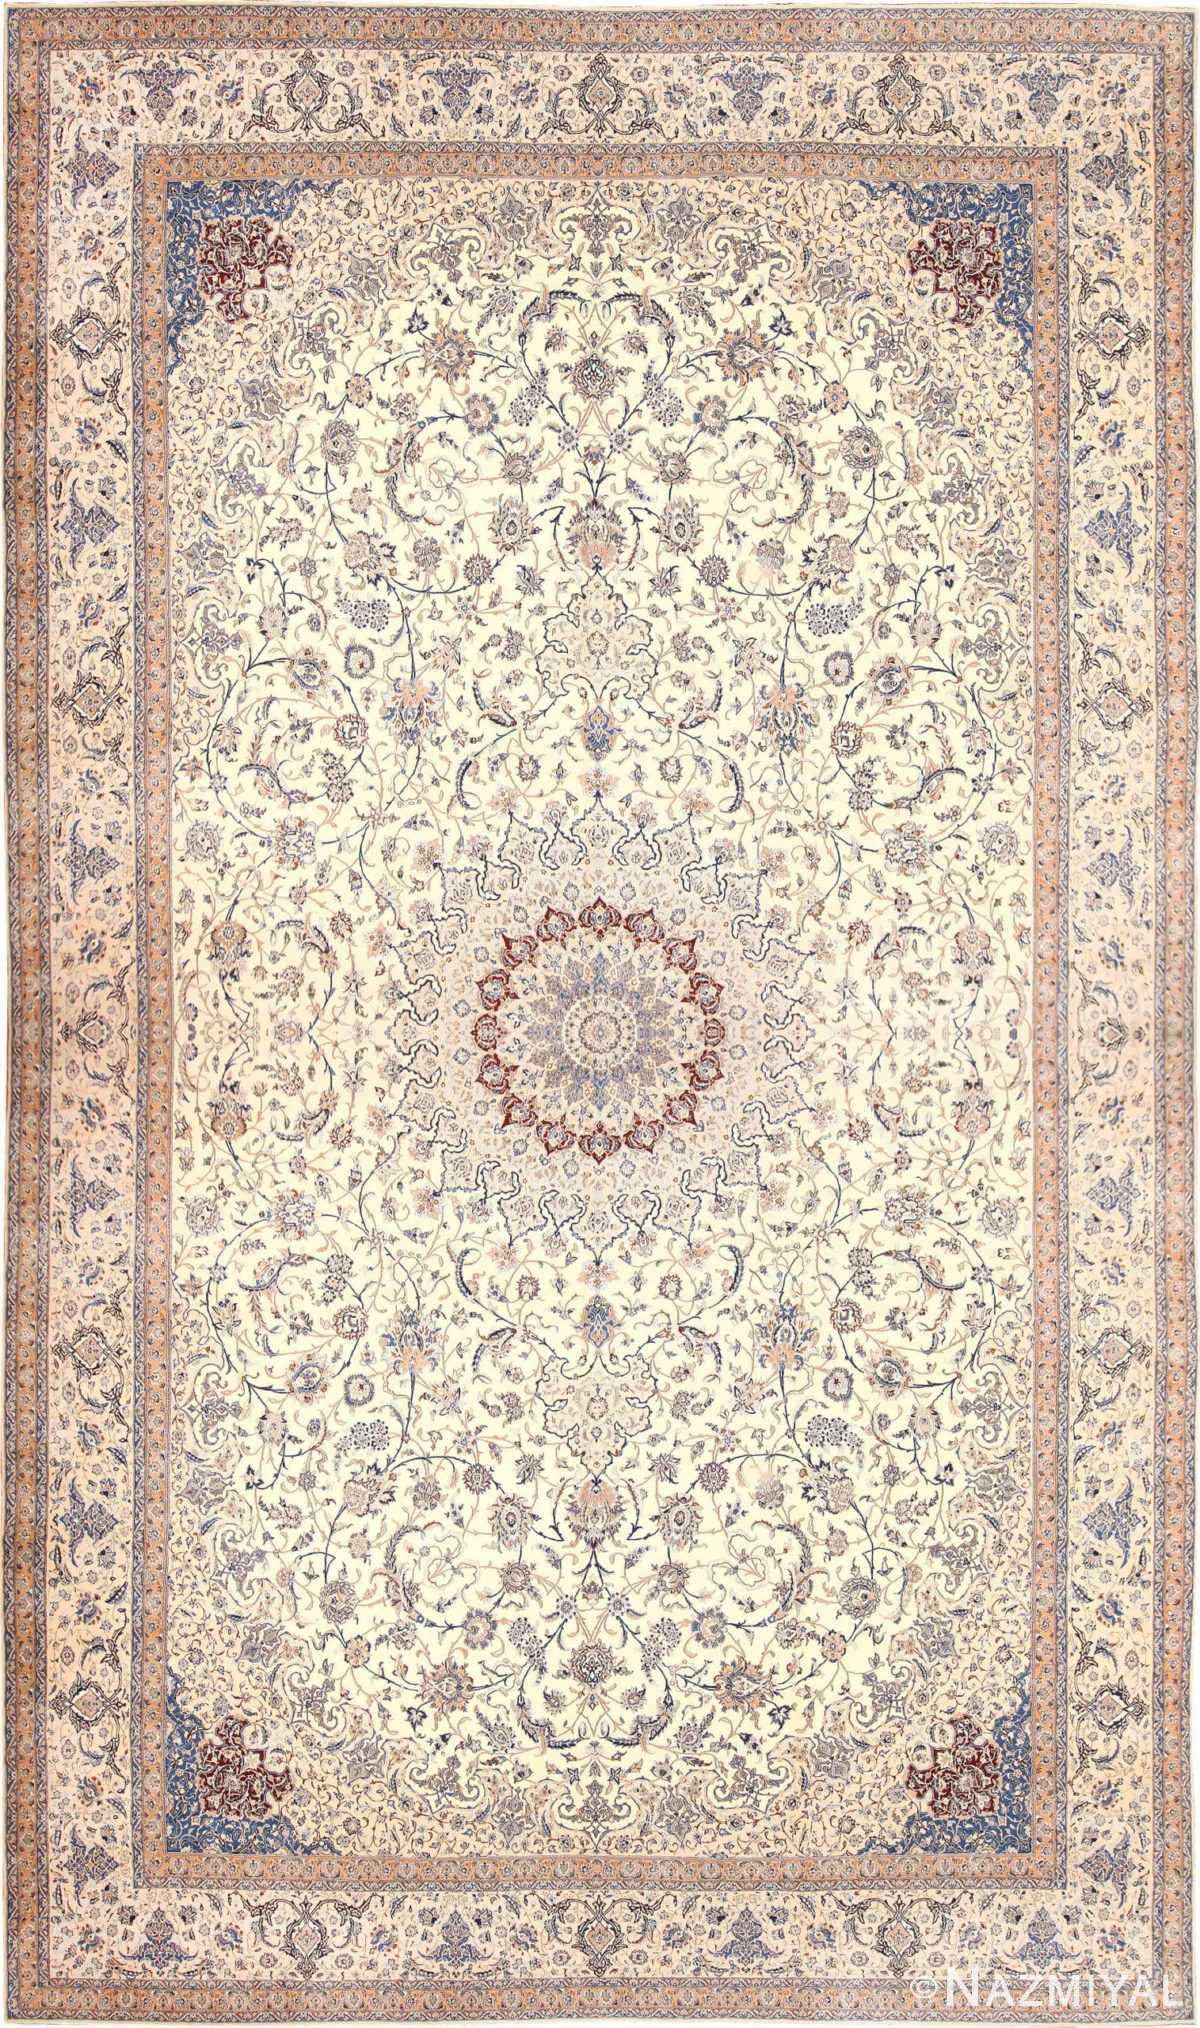 Palace Size Fine Silk And Wool Persian Nain Carpet 50689 Nazmiyal